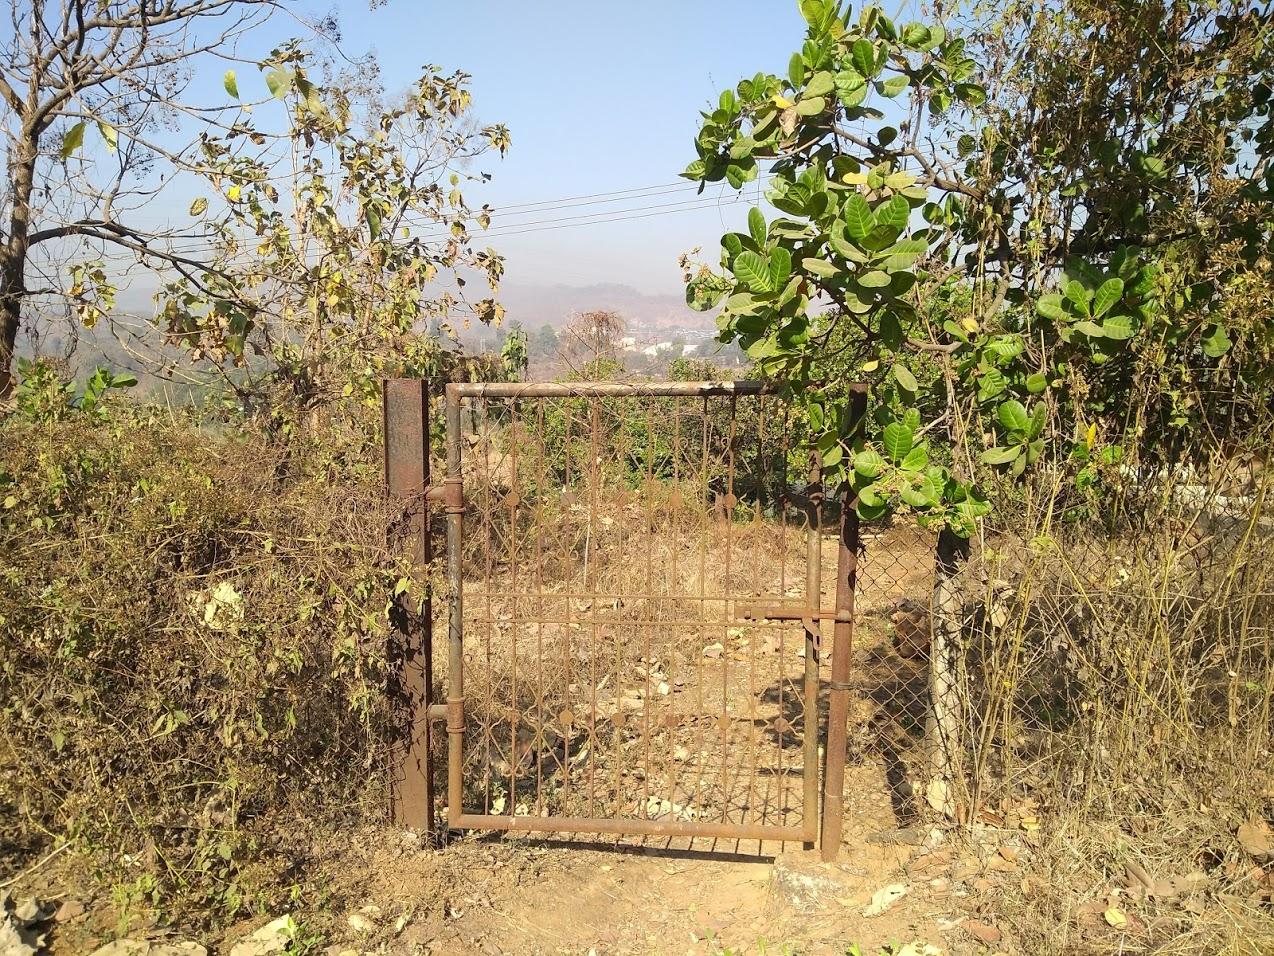 Vallado y pozo para facilitar el acceso a una vida sana a personas en situación de exclusión que viven con VIH en Khopoli